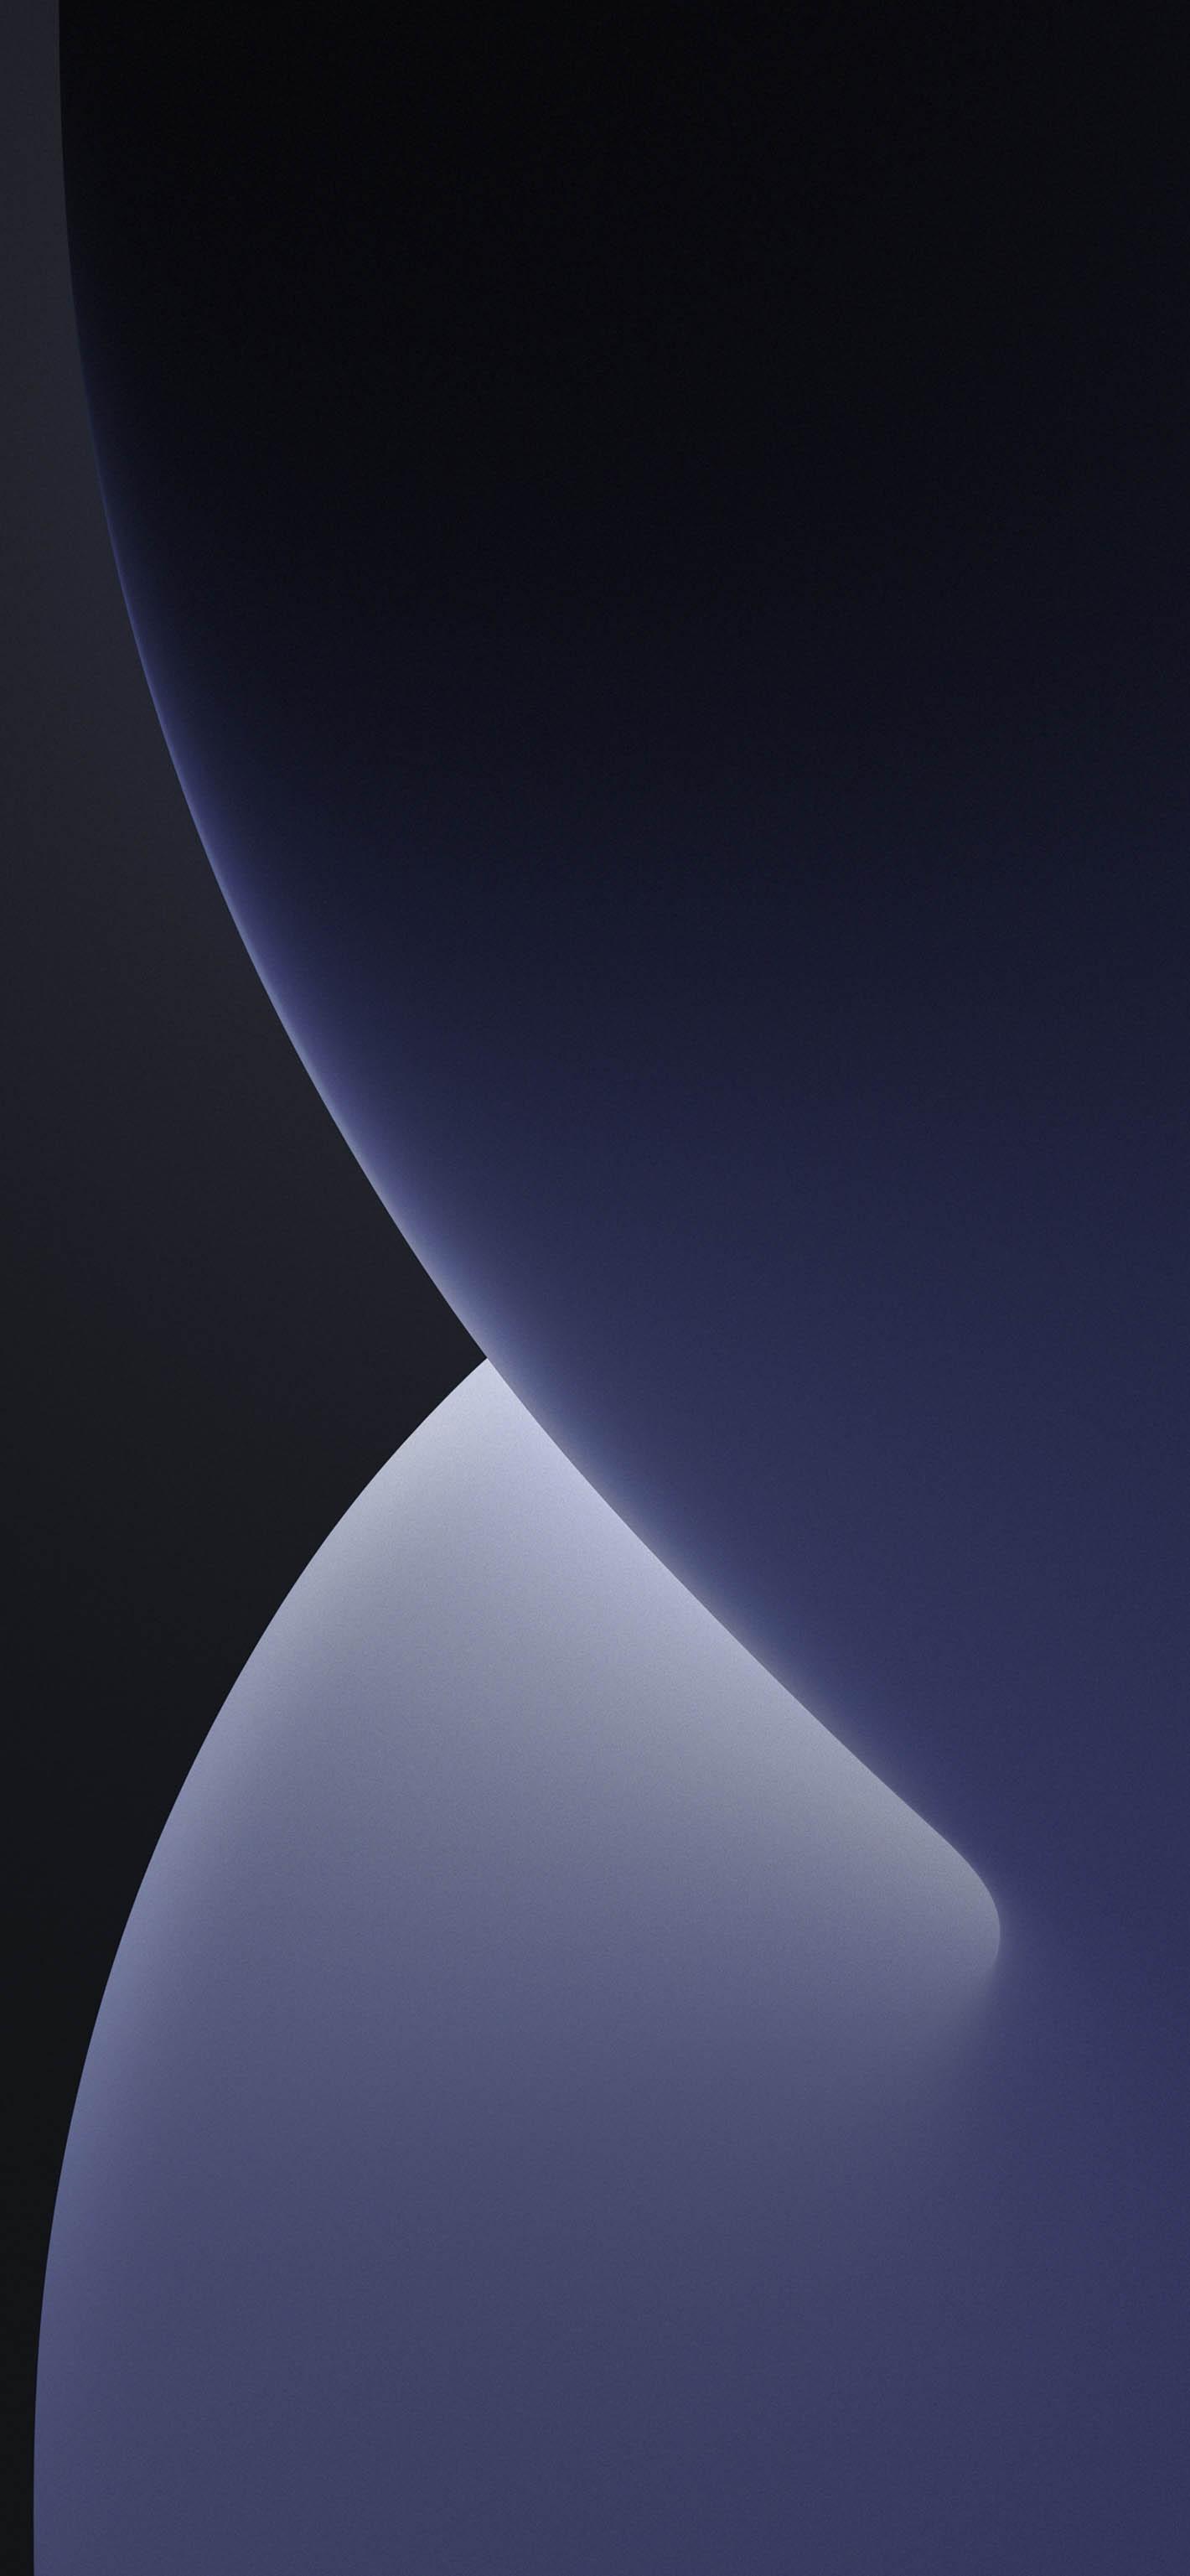 Fondo iOS 14 monocromatico oscuro